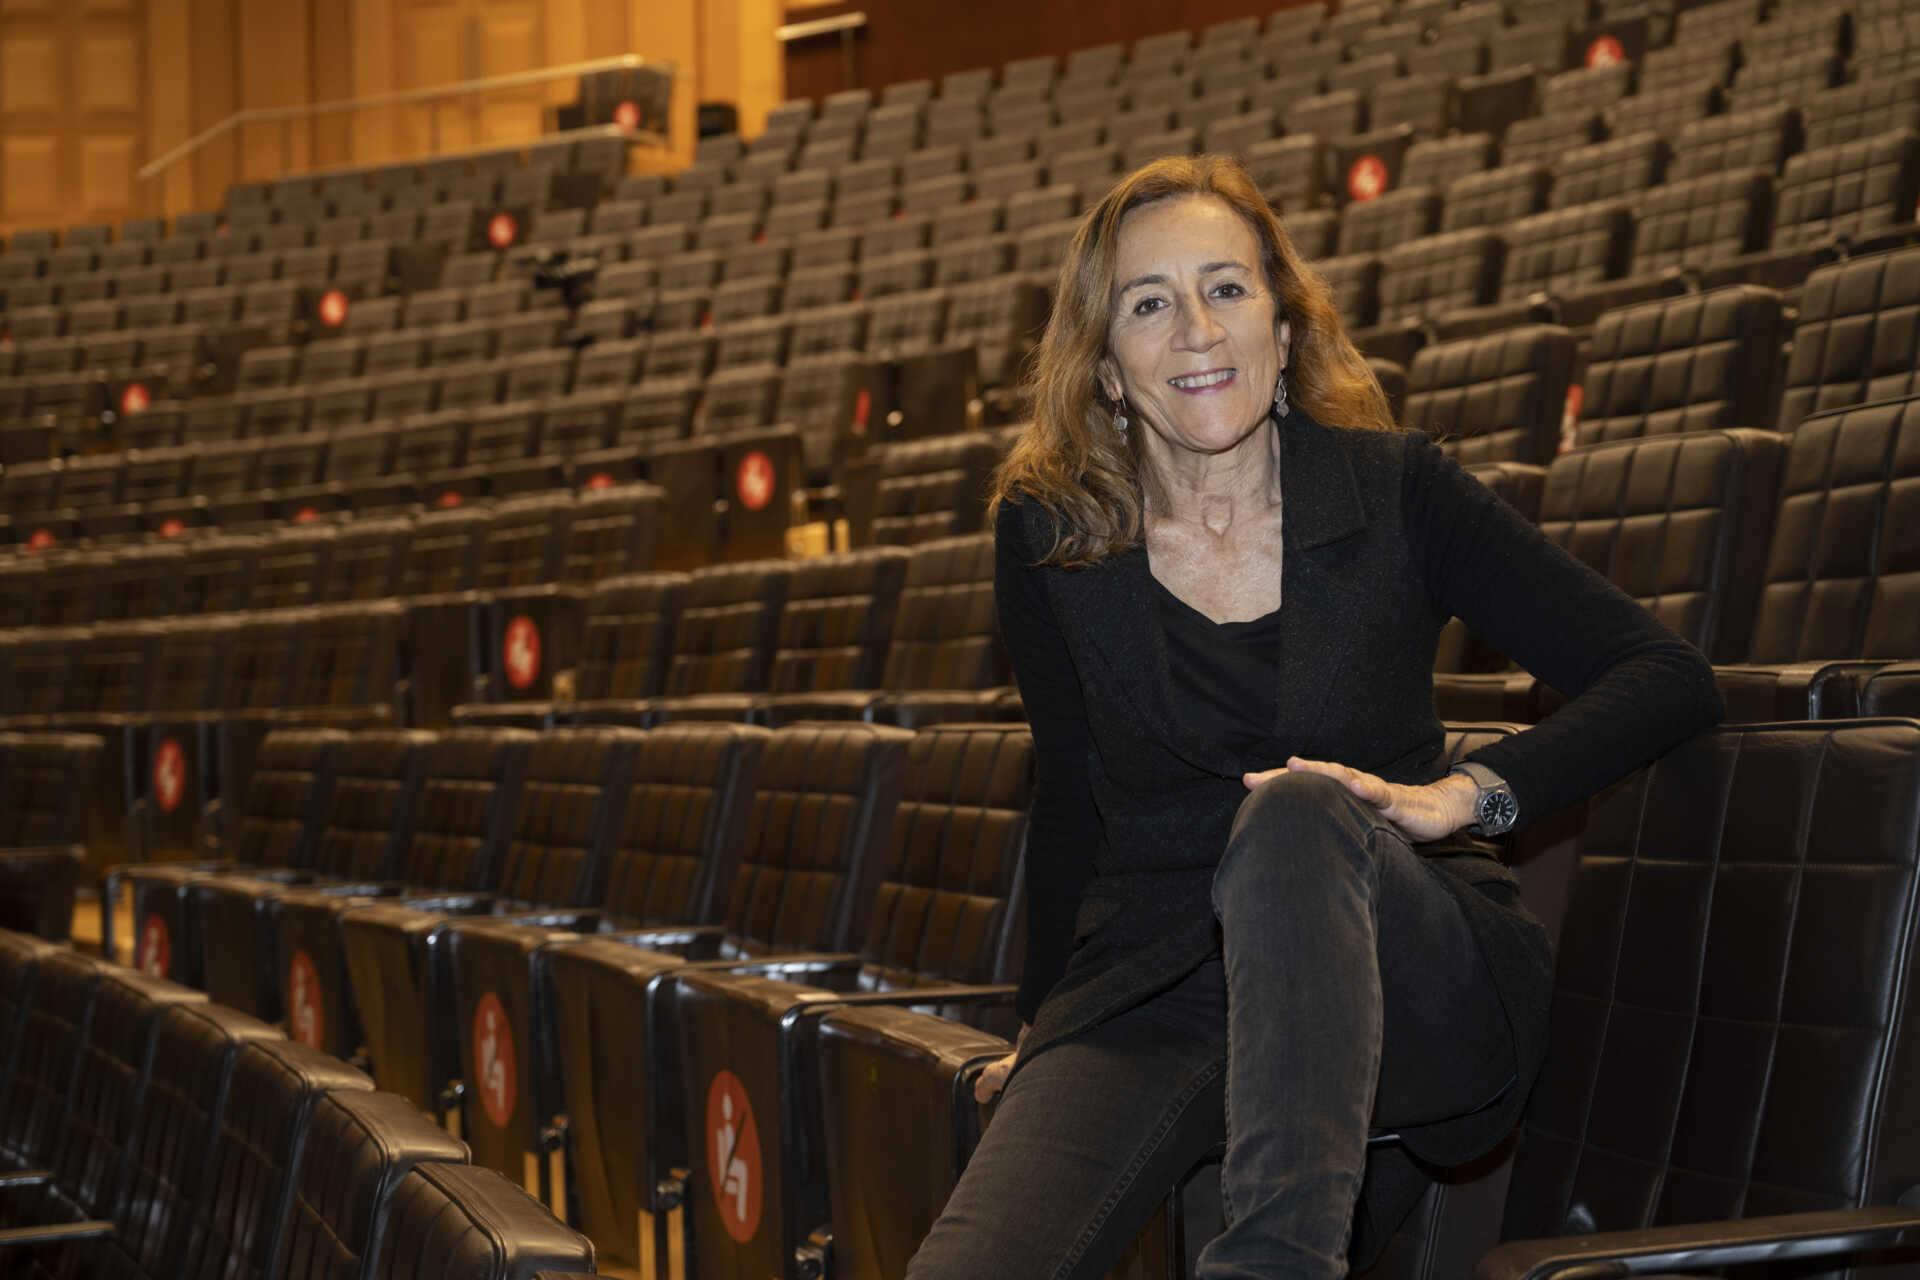 La directora del TNC Carme Portaceli. Foto: May Zircus/TNC